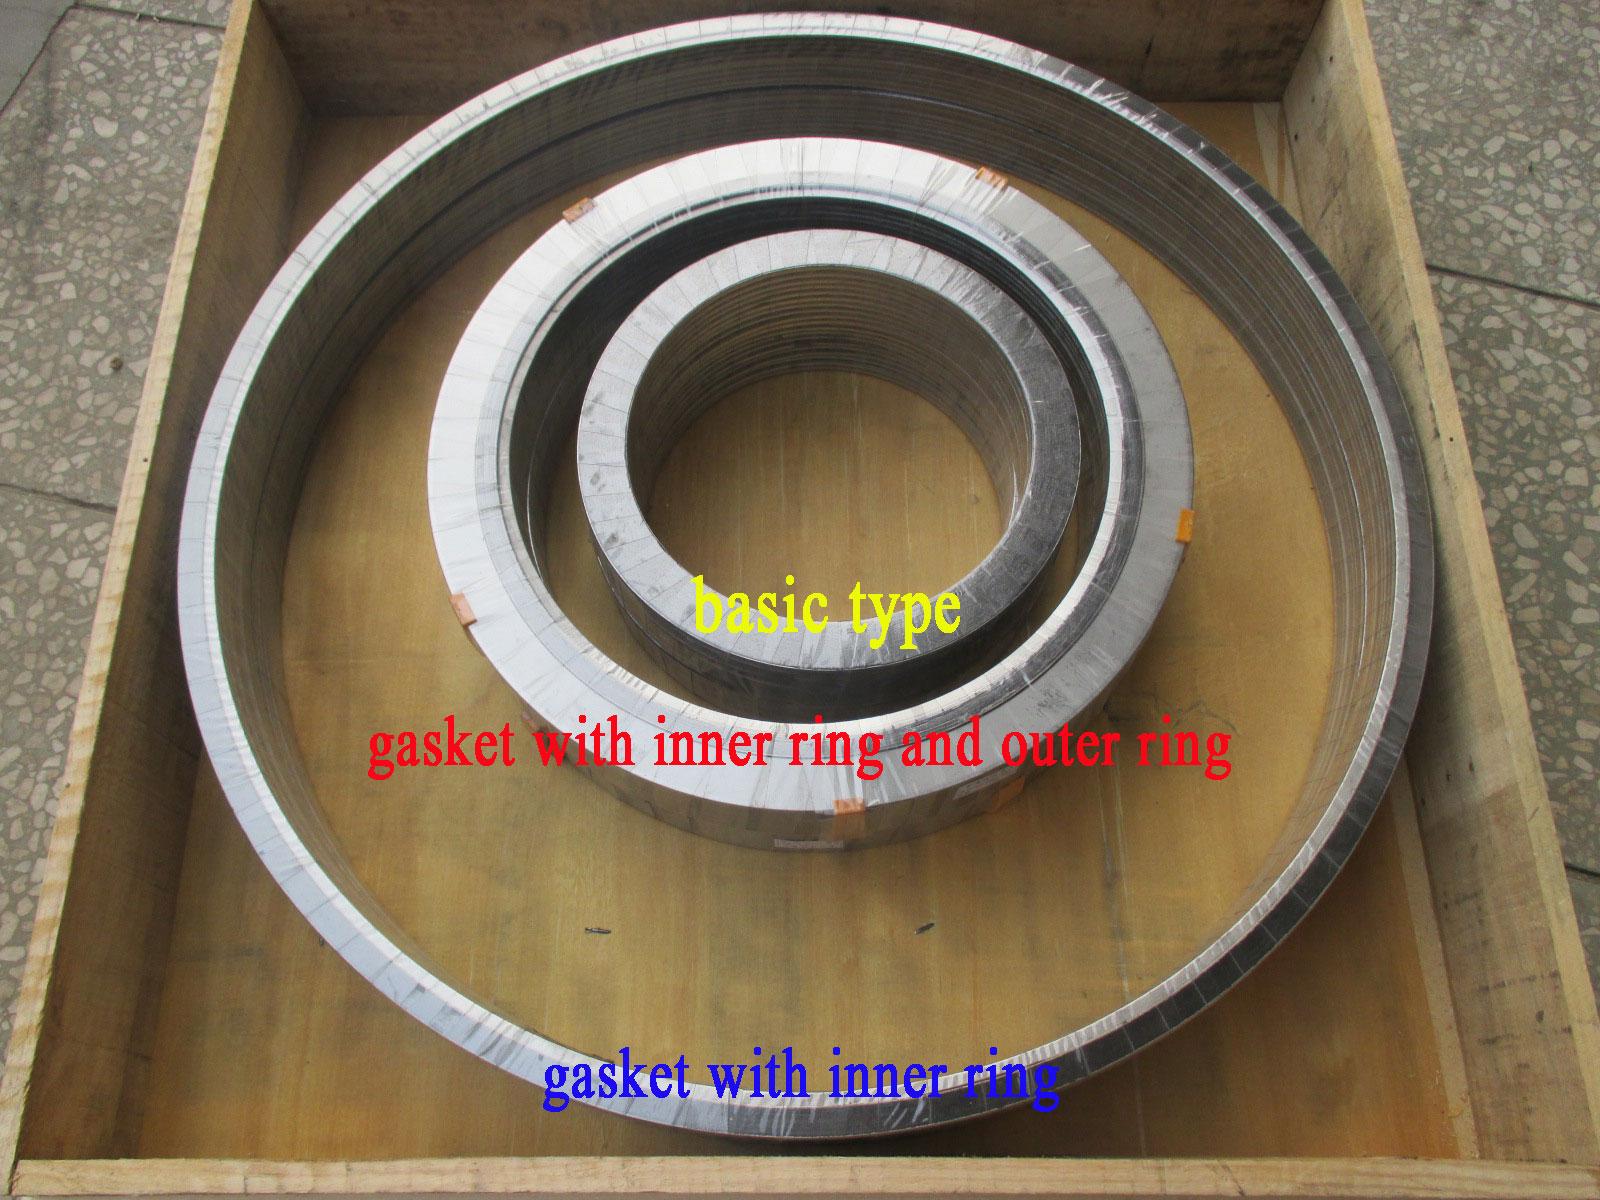 Metal spiral wound gasket types:A,B,C,D,E,F